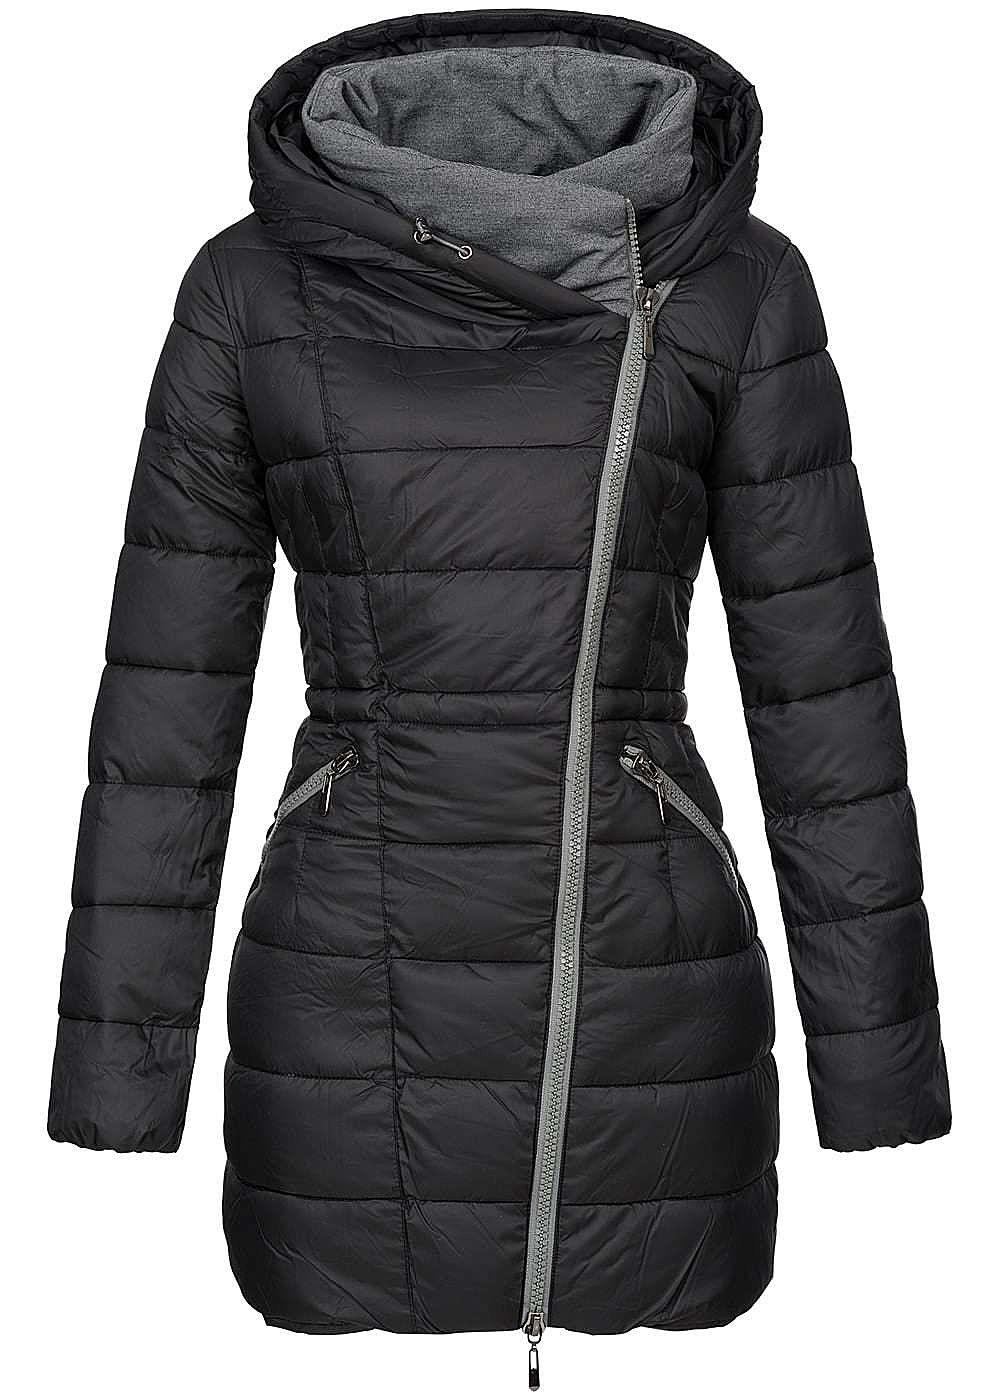 aiki damen winter mantel kapuze 2 zip taschen schwarz grau. Black Bedroom Furniture Sets. Home Design Ideas